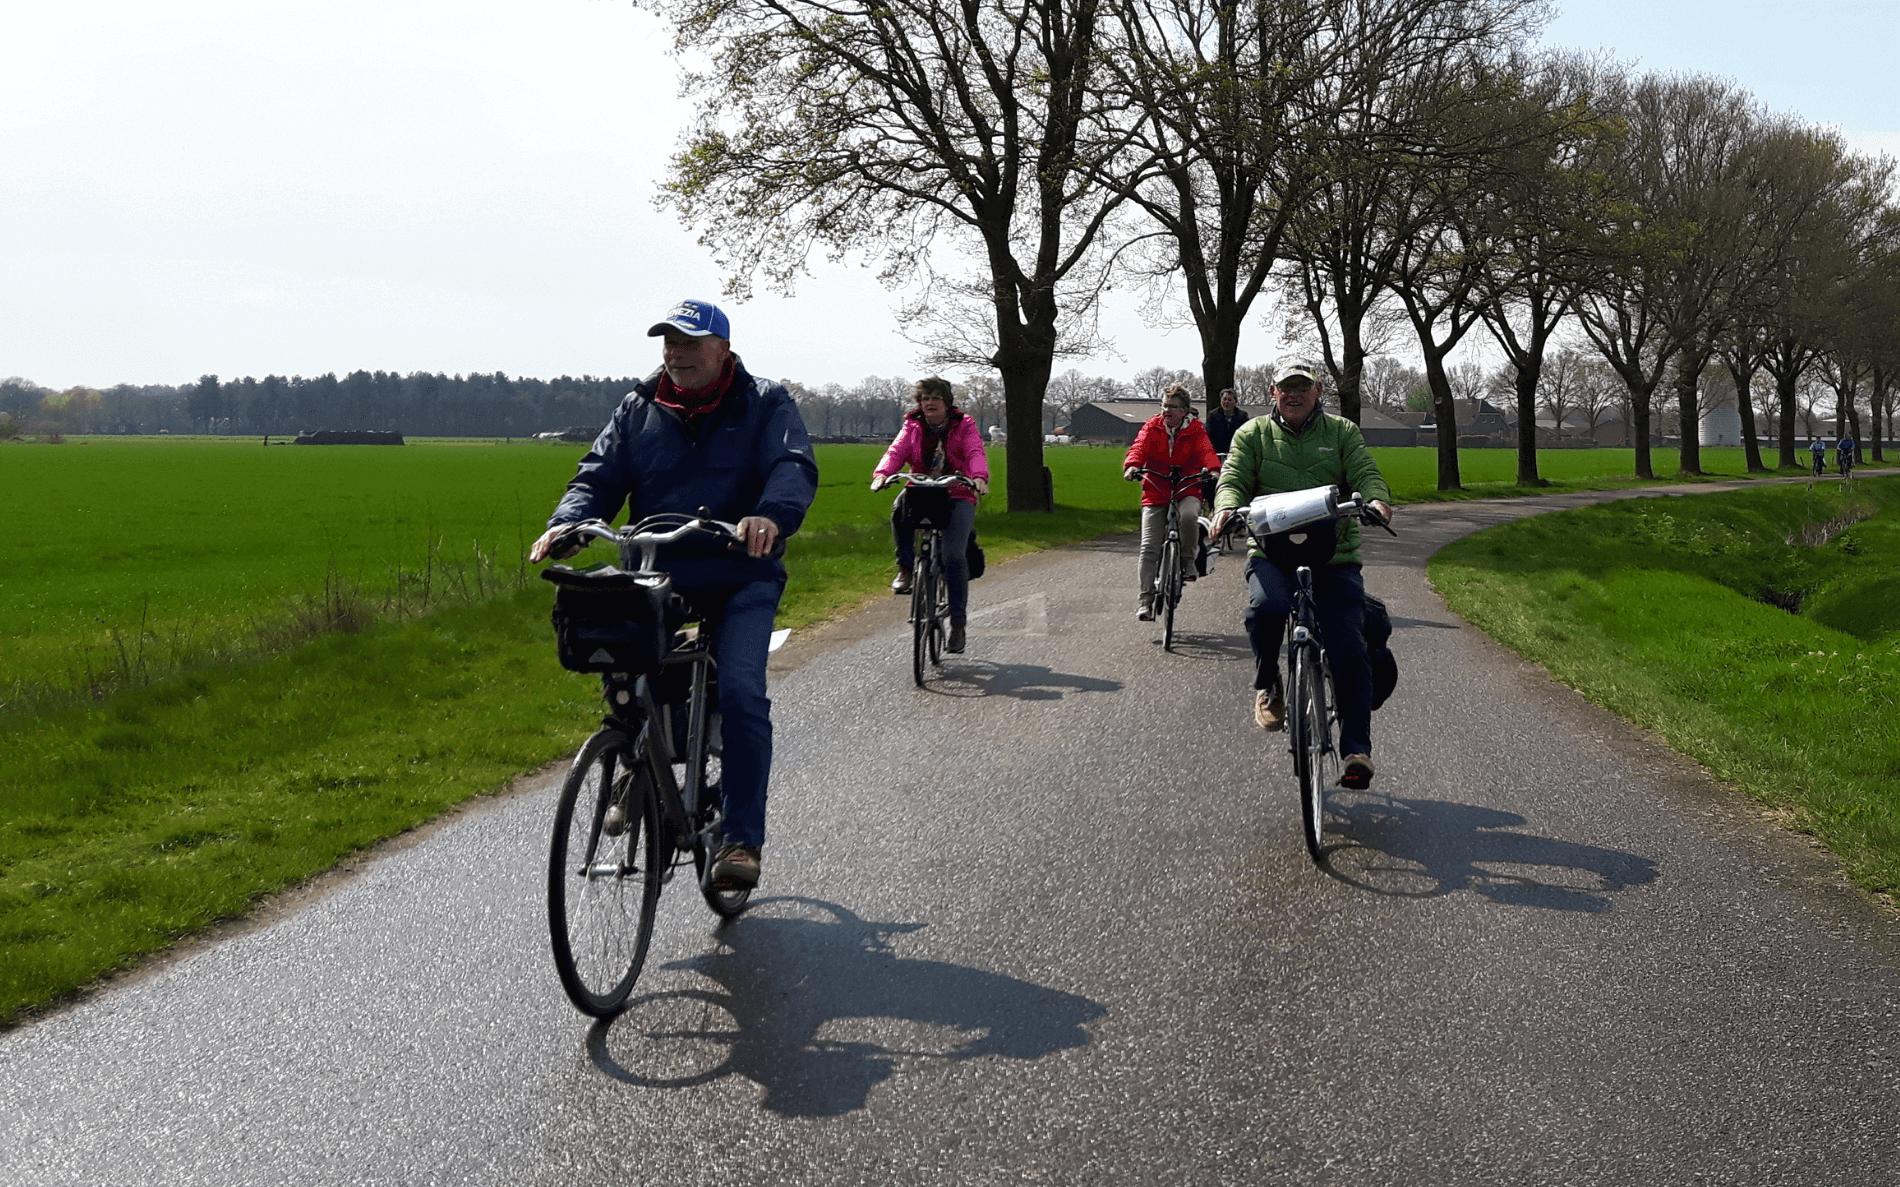 Welkom bij de Fitál Vakanties opening van het fiets- en wandelseizoen